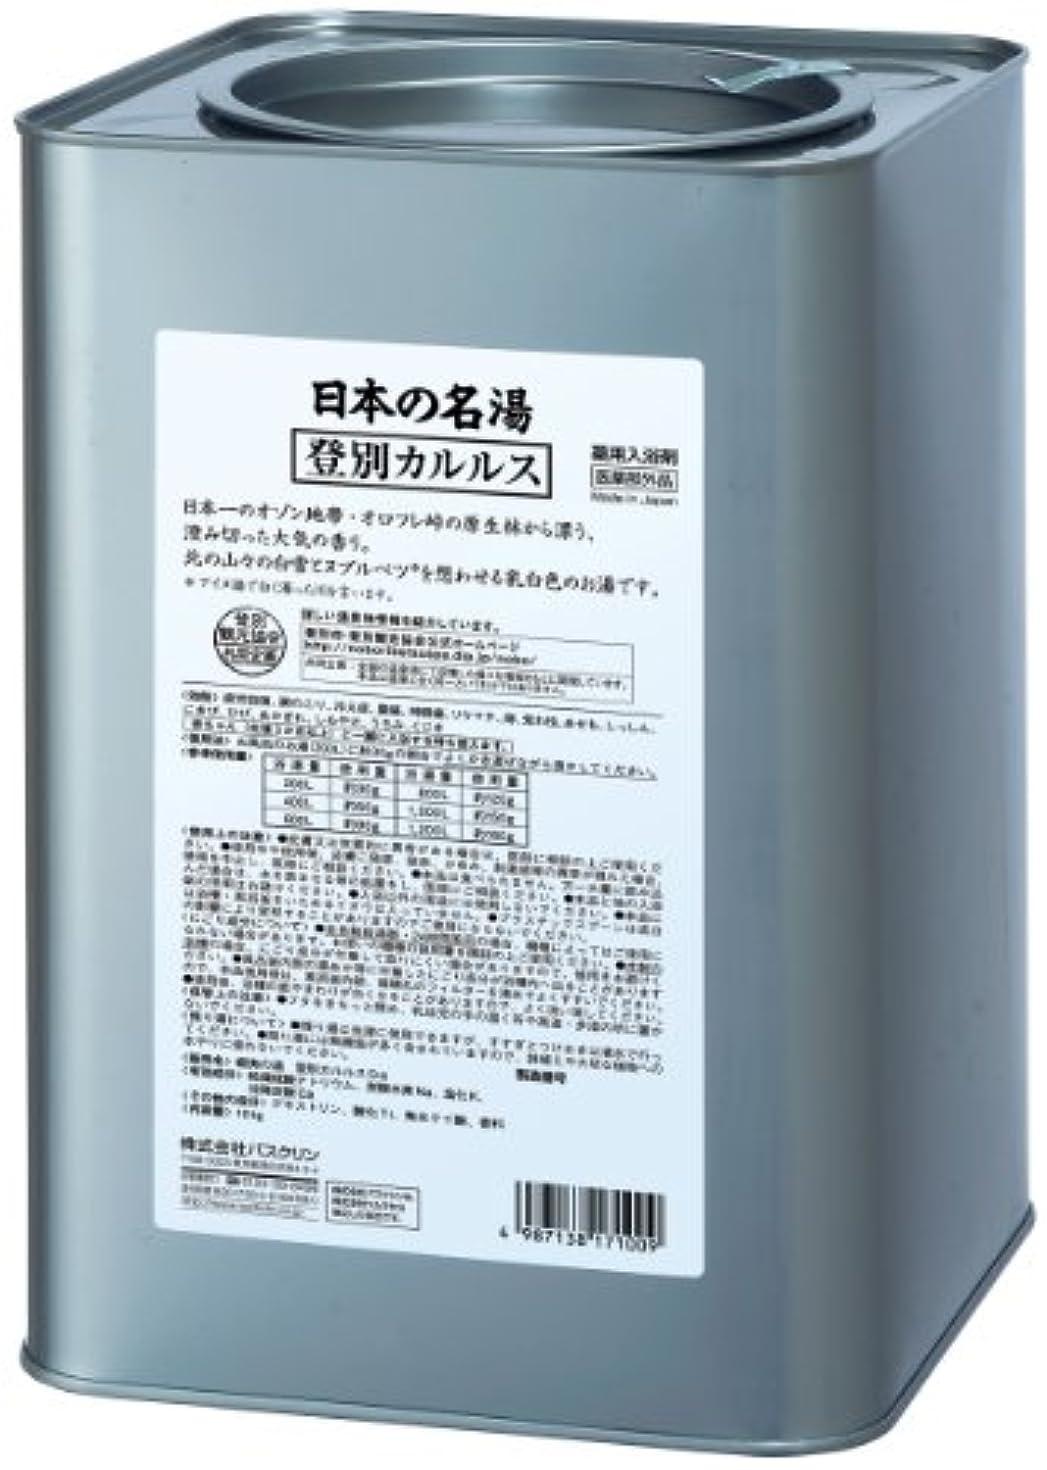 ベックス考慮はげ【医薬部外品/業務用】日本の名湯入浴剤 登別カルルス(北海道)10kg 大容量 温泉成分 温泉タイプ